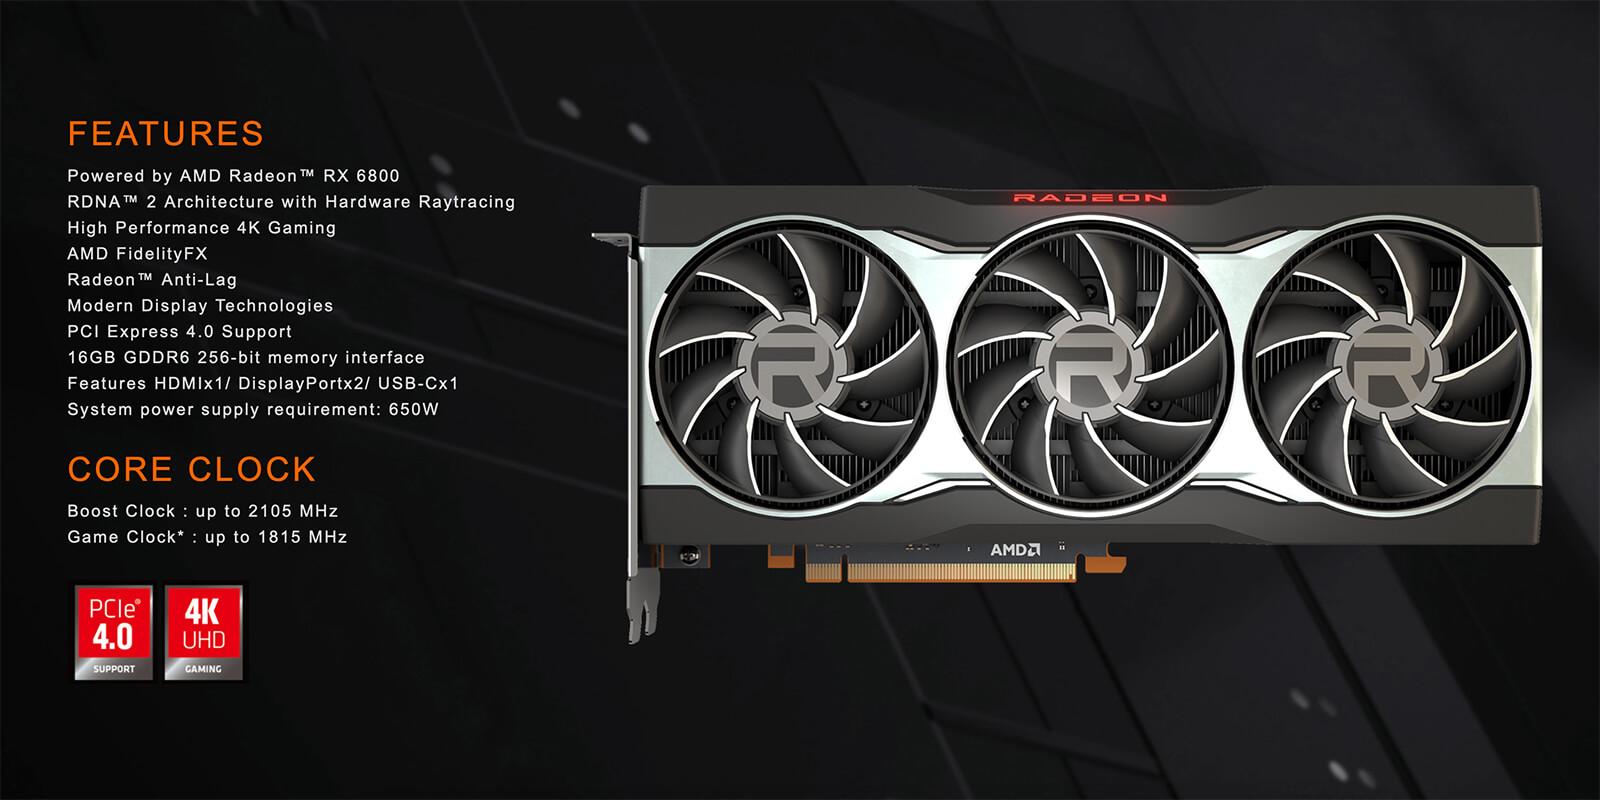 Gigabyte Radeon™ Rx 6800 16g Features